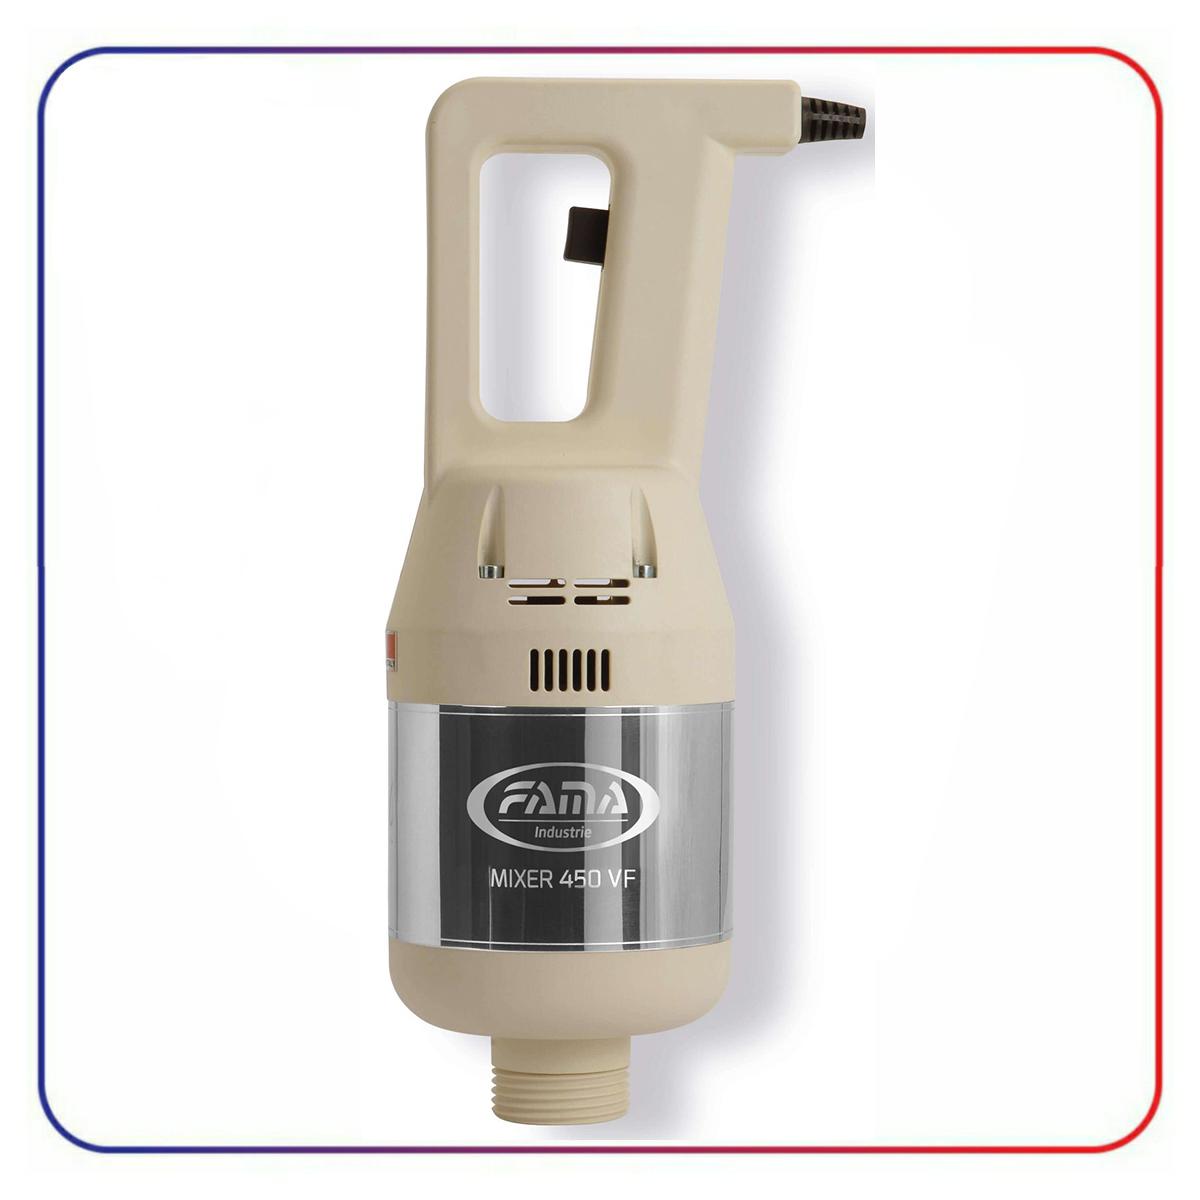 گوشت کوب برقی فاما FAMA MIXER 450 VF